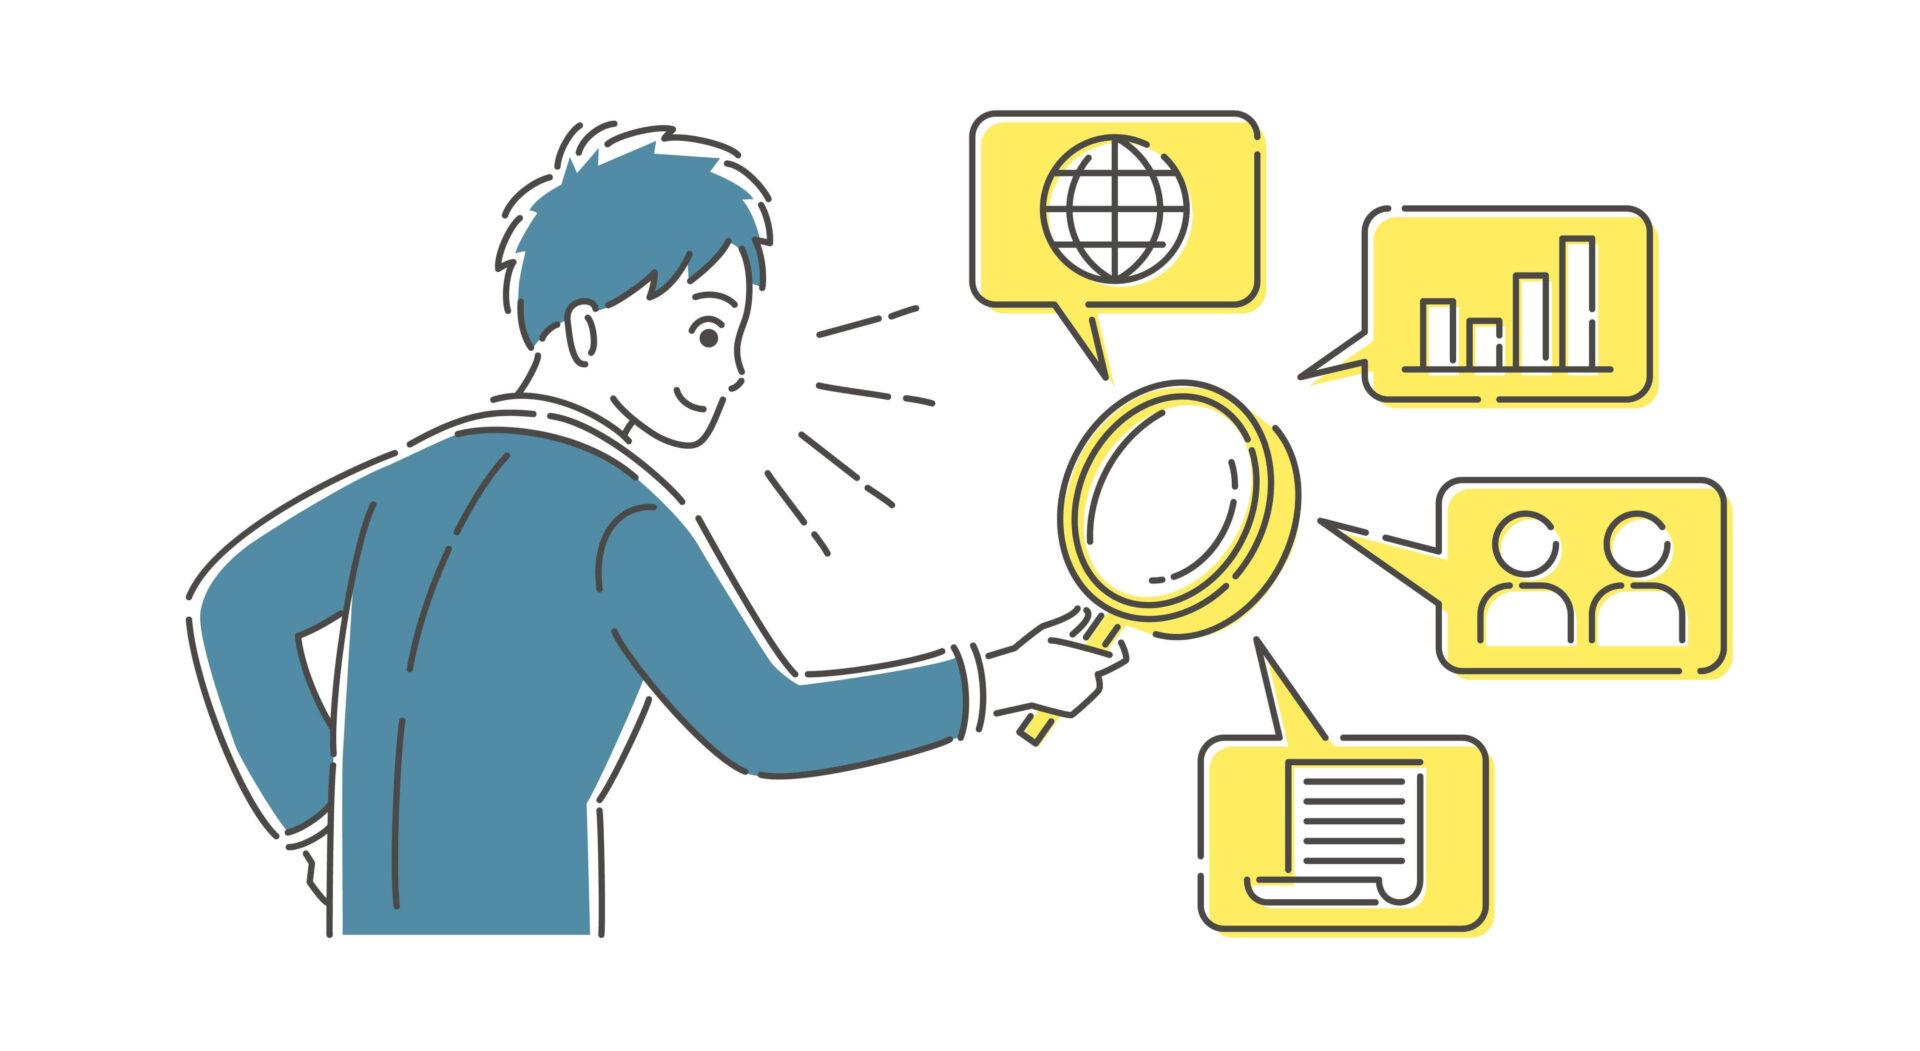 ユーザーの利便性向上!ワードプレスにはサイトマップを設置しよう!